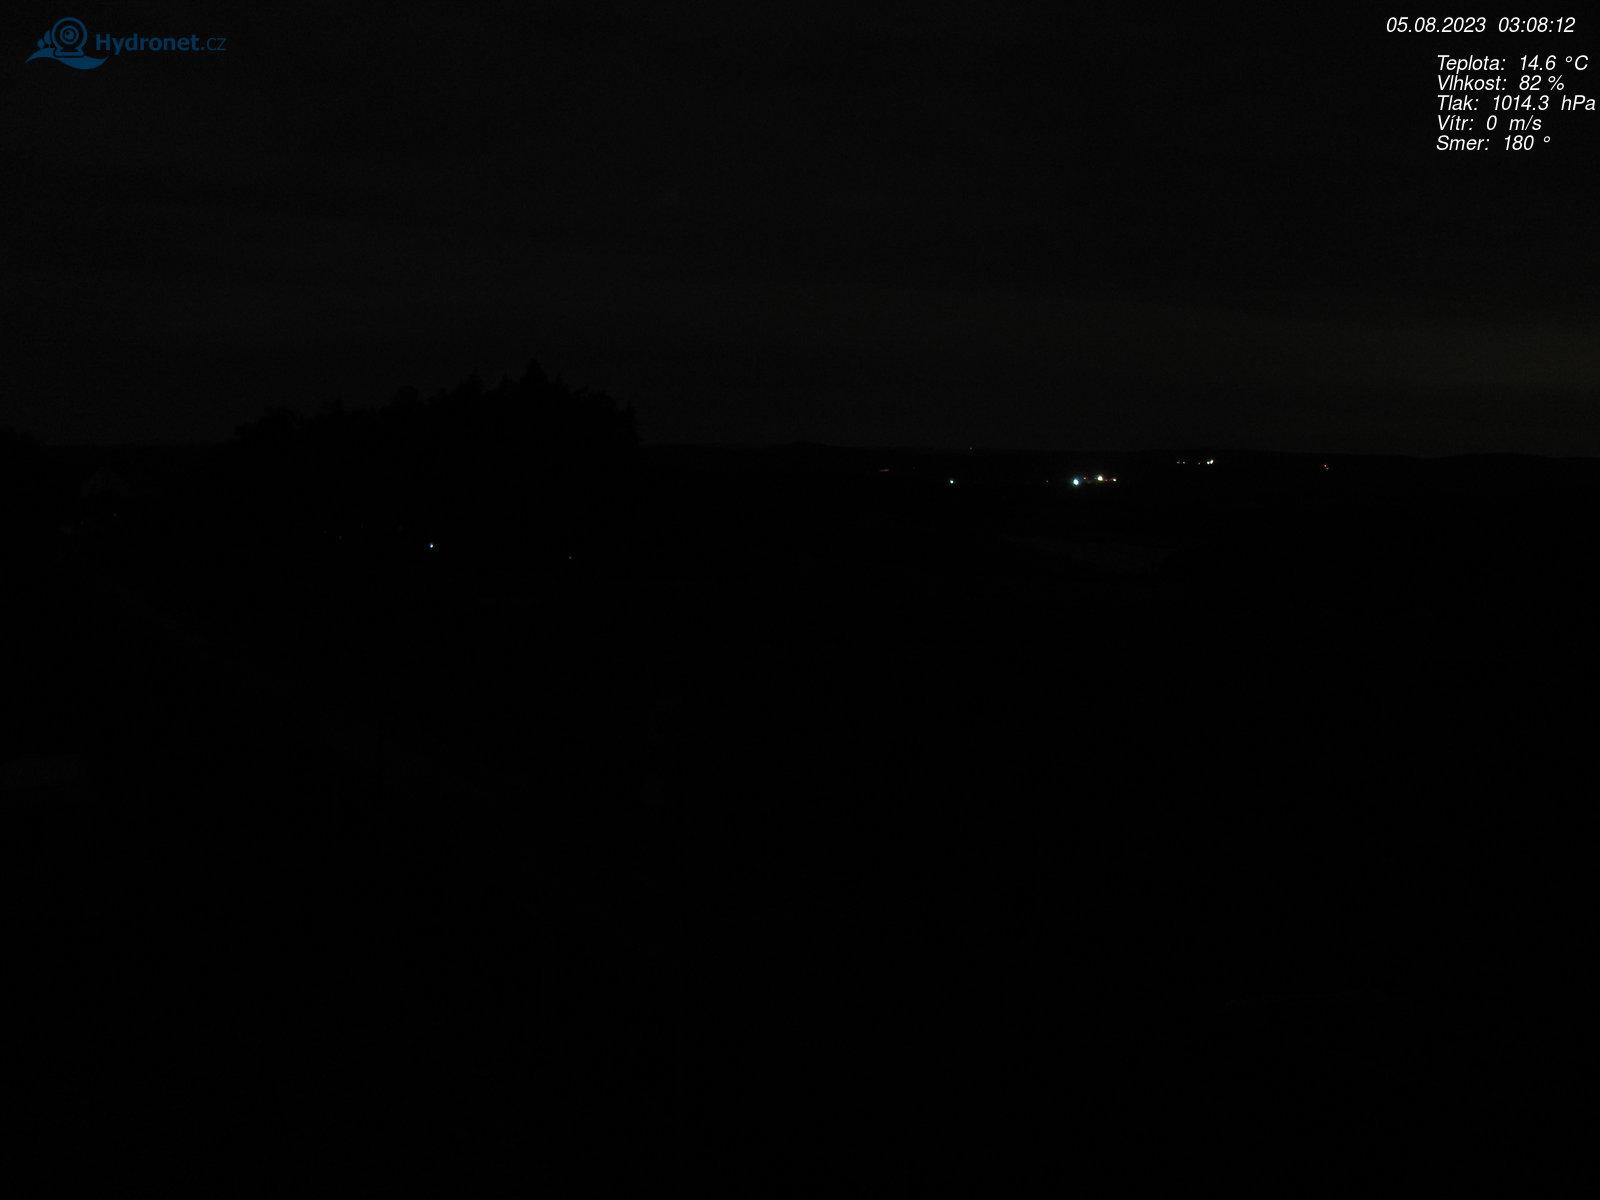 Aktuální snímek z webkamery